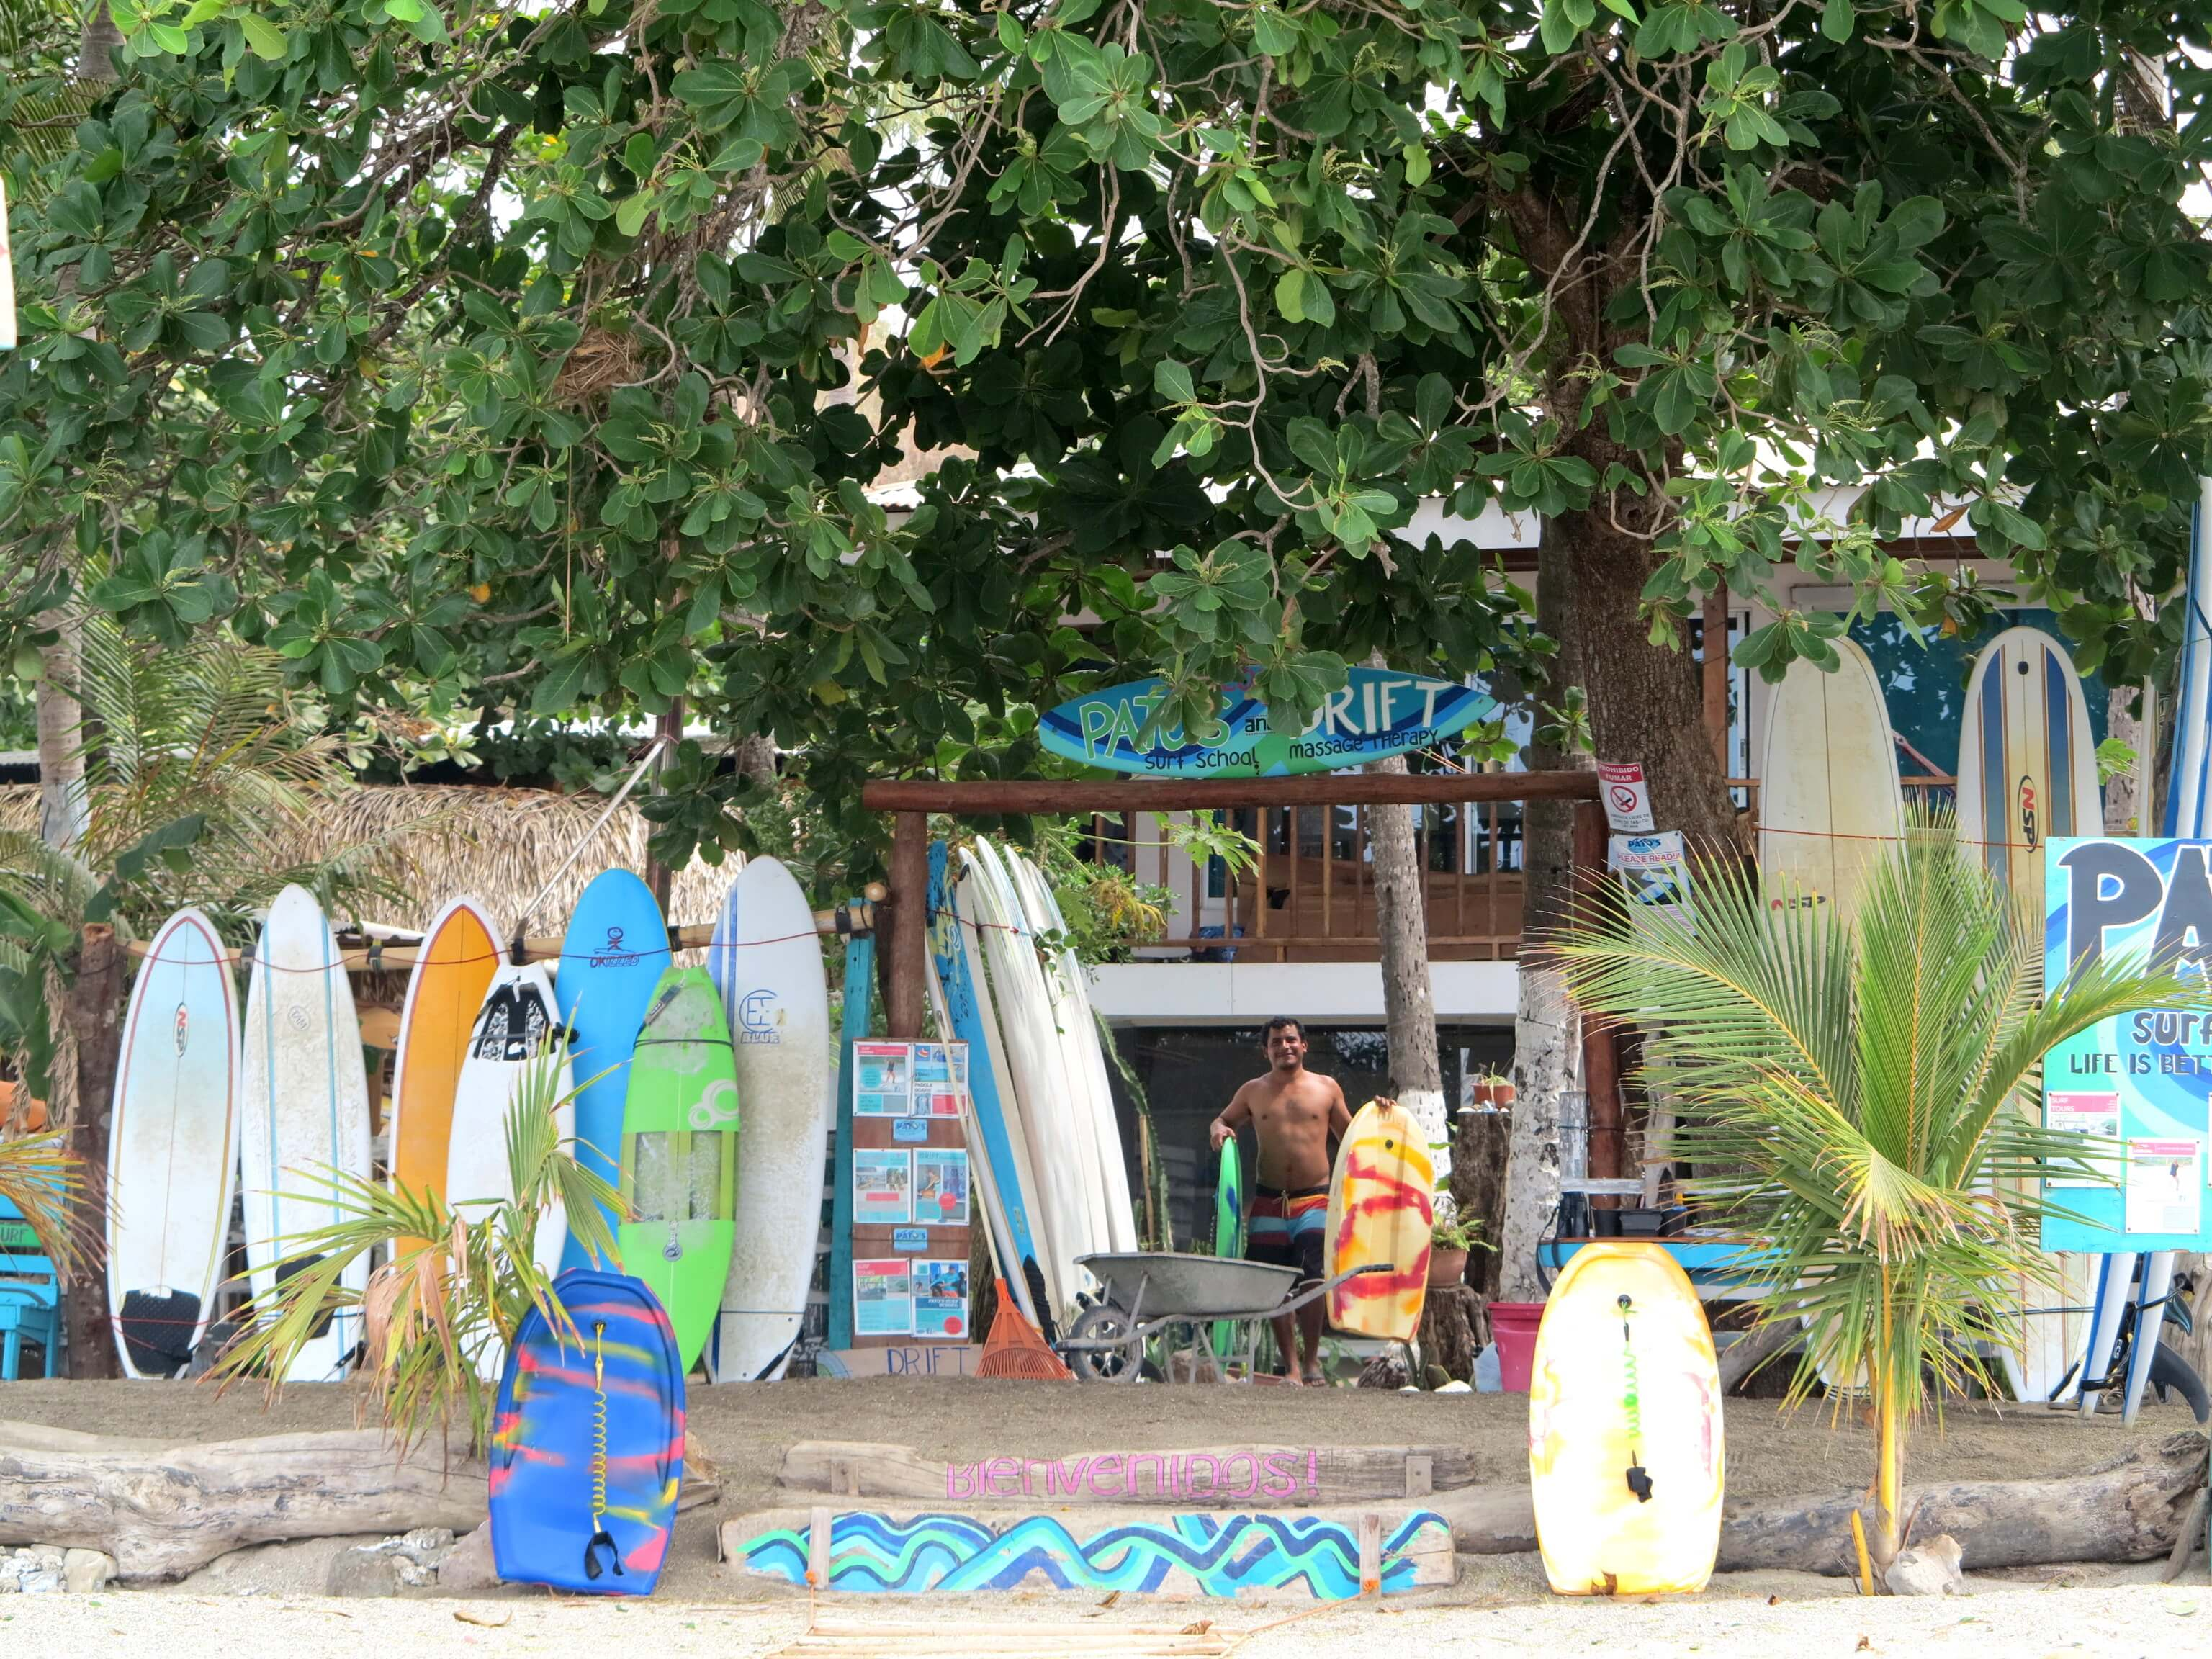 Patos Surfschule in Samara